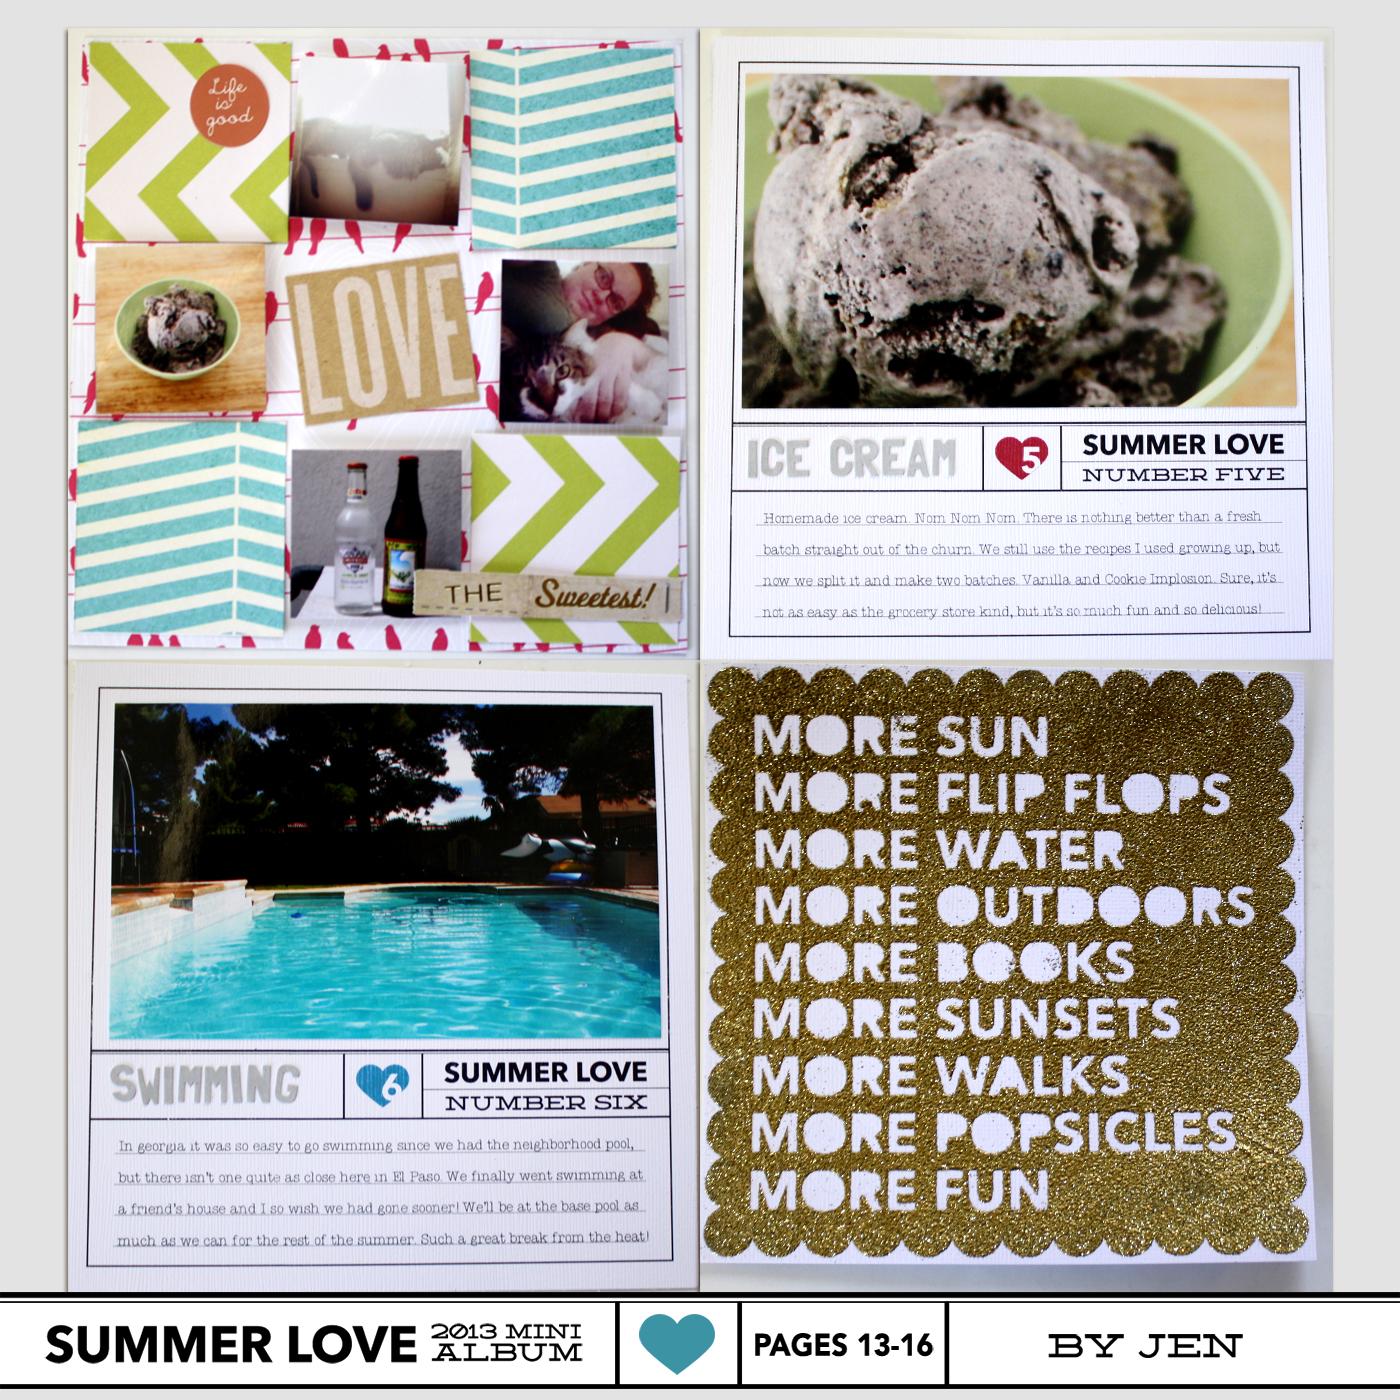 nettiodesigns_SummerLove-pg13-16-JEN